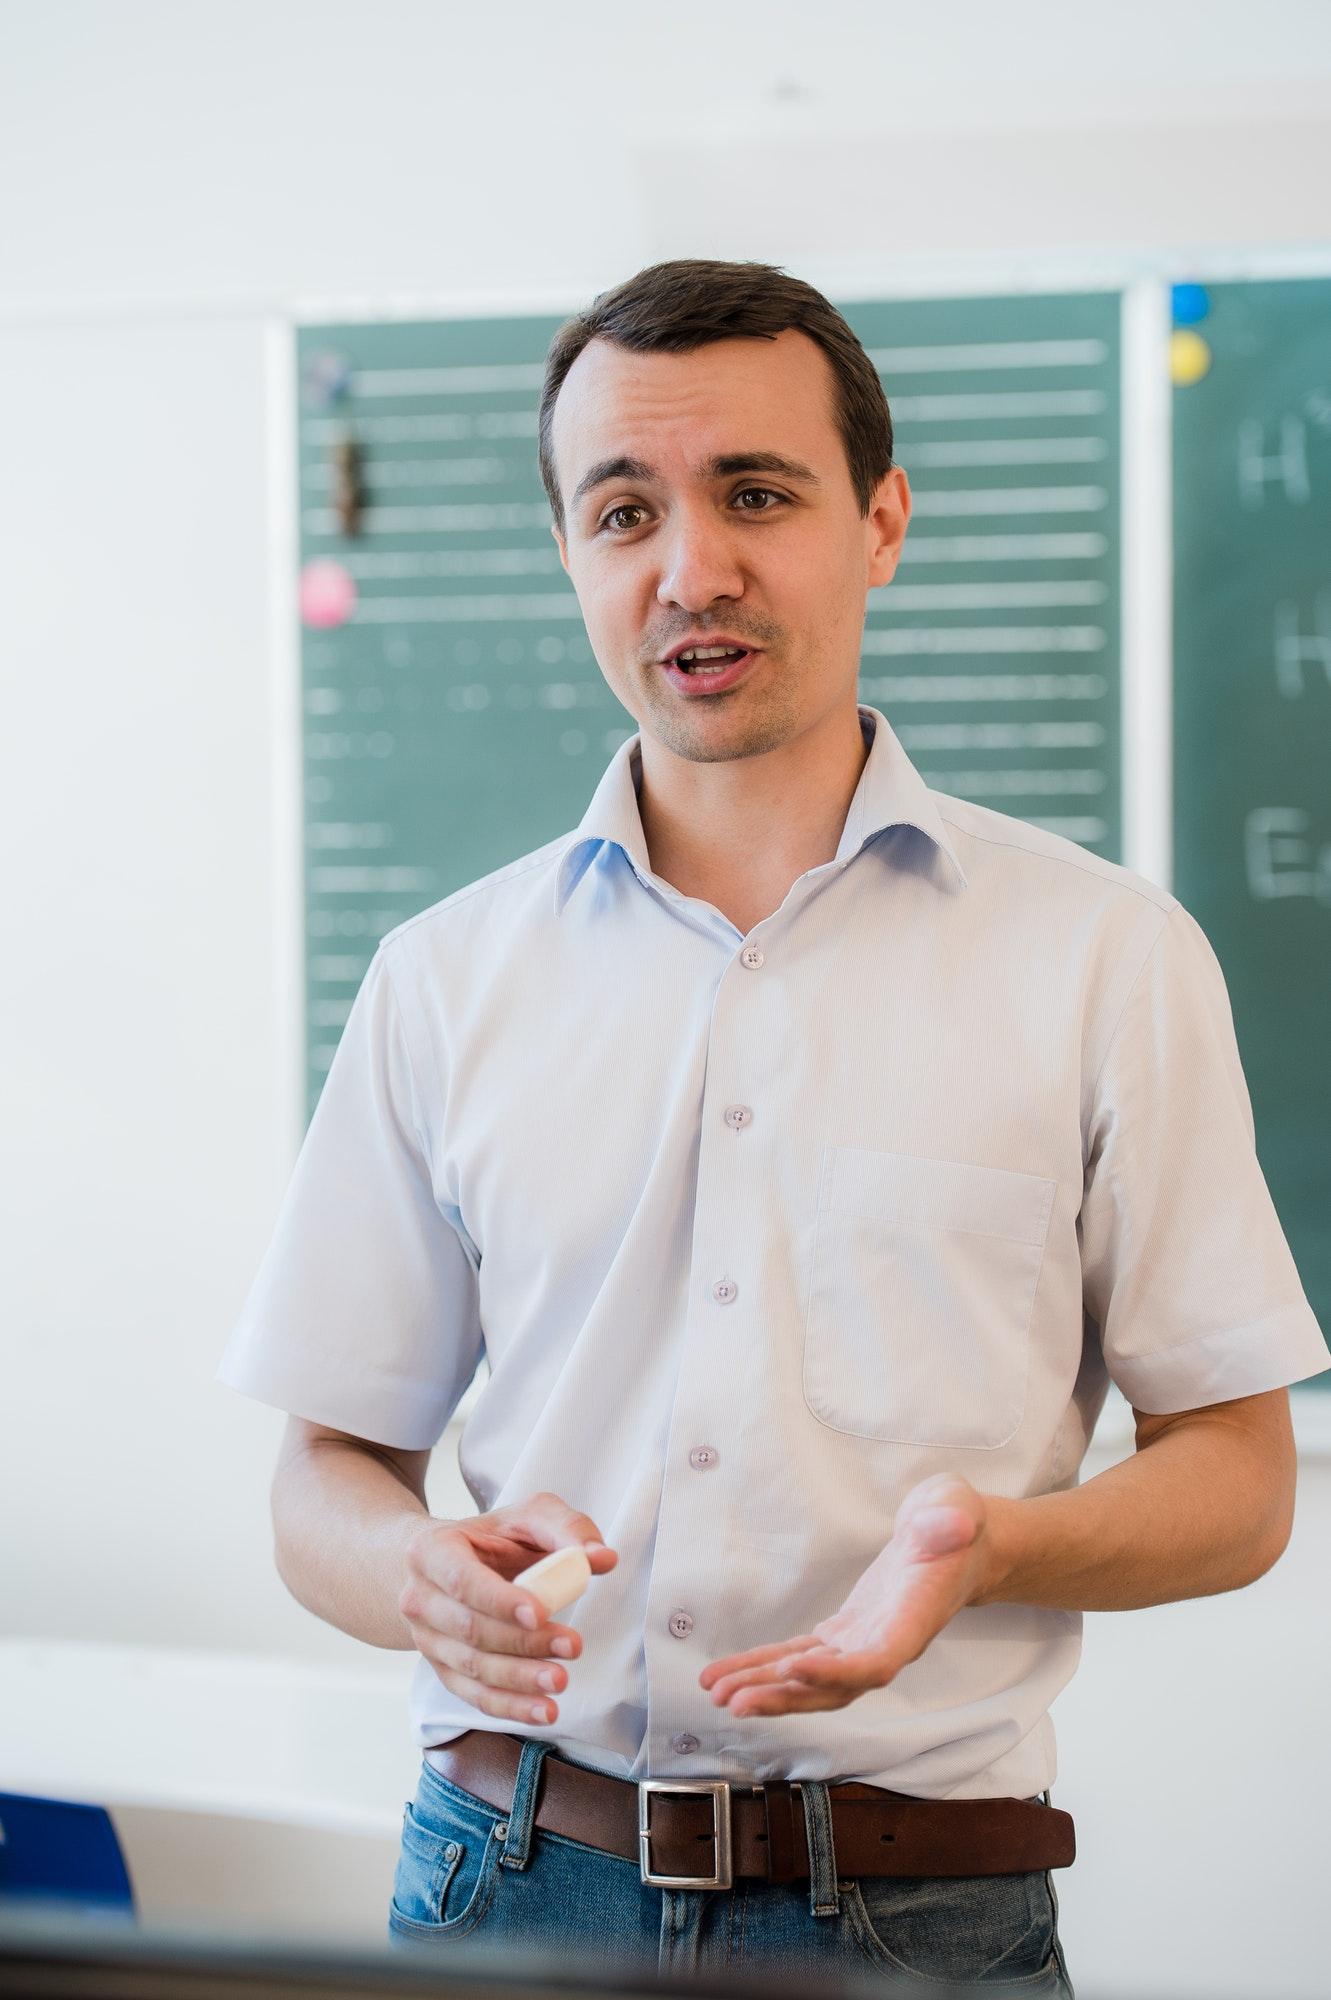 young-teacher-near-chalkboard-in-school-classroom-talking-to-class.jpg